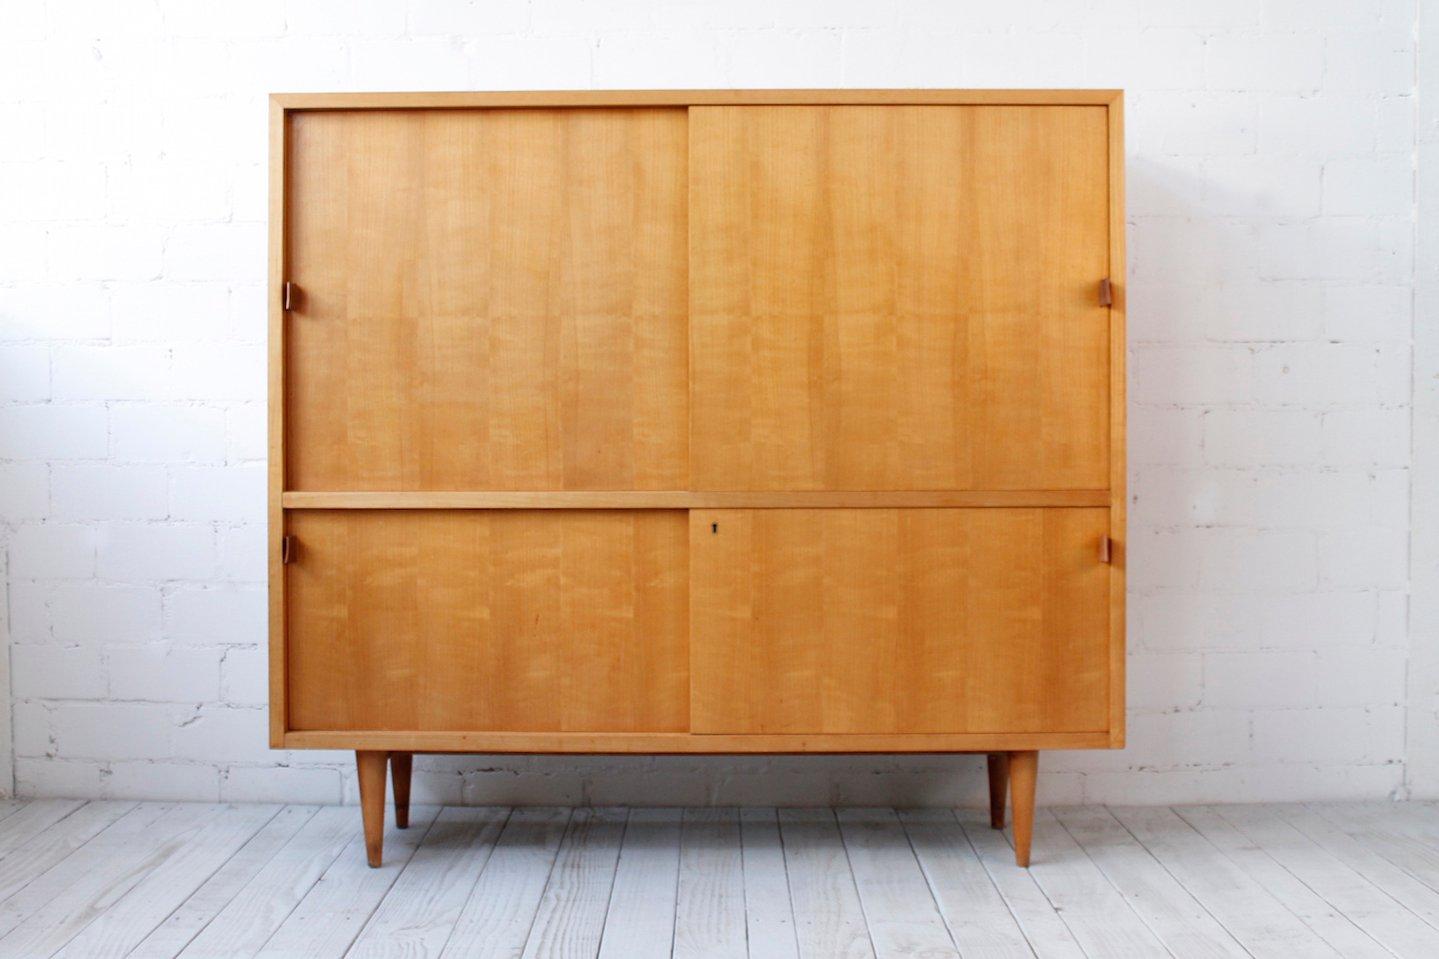 buffet haut vintage en merisier de wk m bel 1950s en vente sur pamono. Black Bedroom Furniture Sets. Home Design Ideas